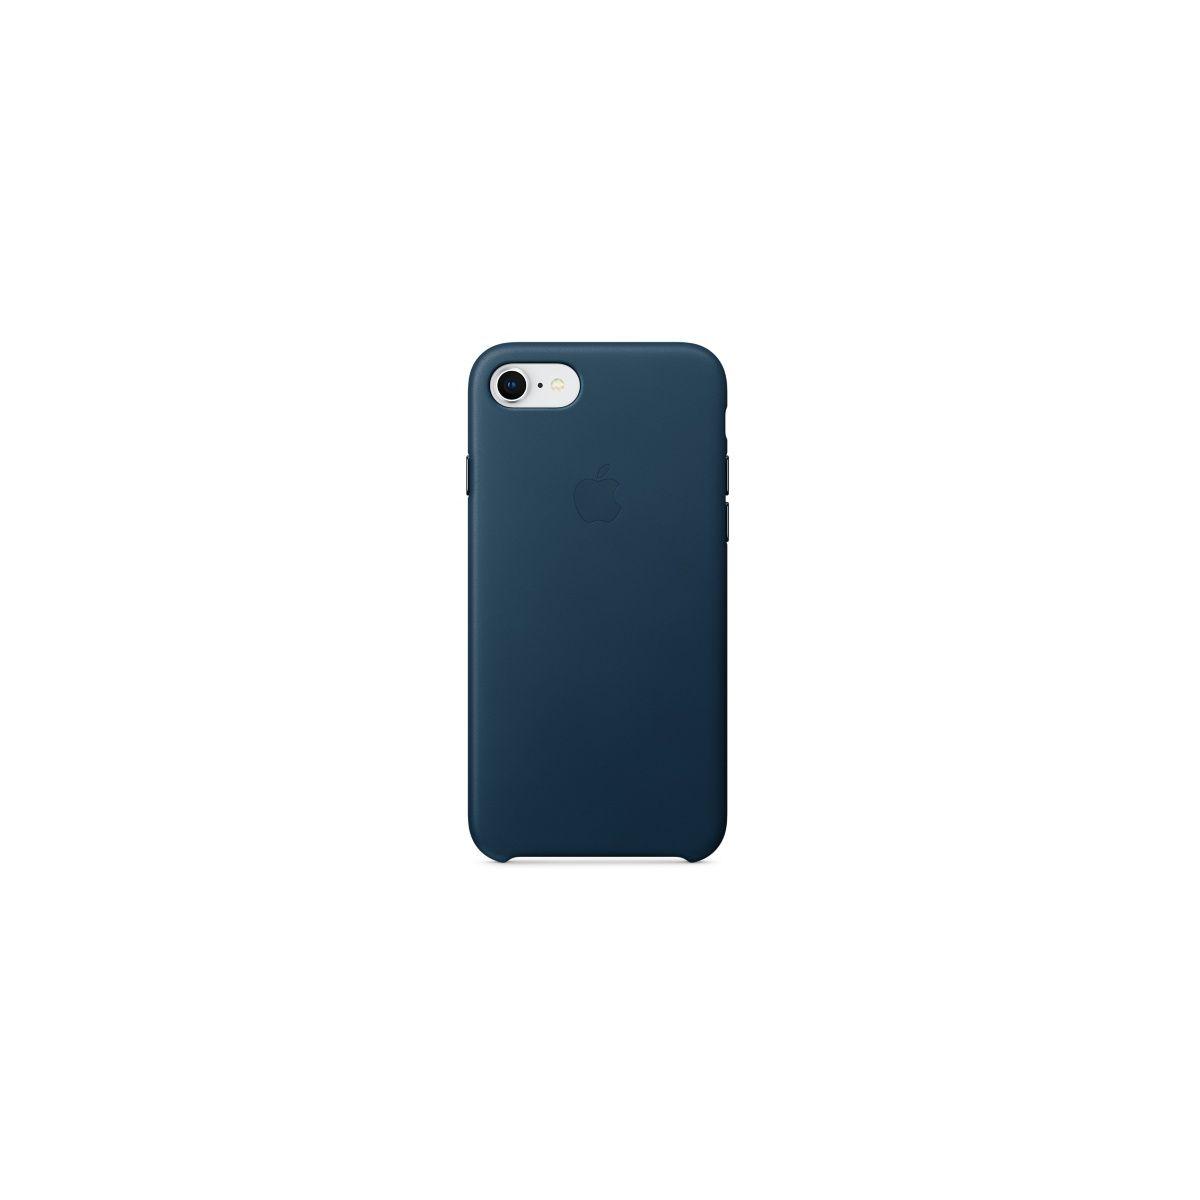 Coque APPLE iPhone 7/8 cuir bleu (photo)